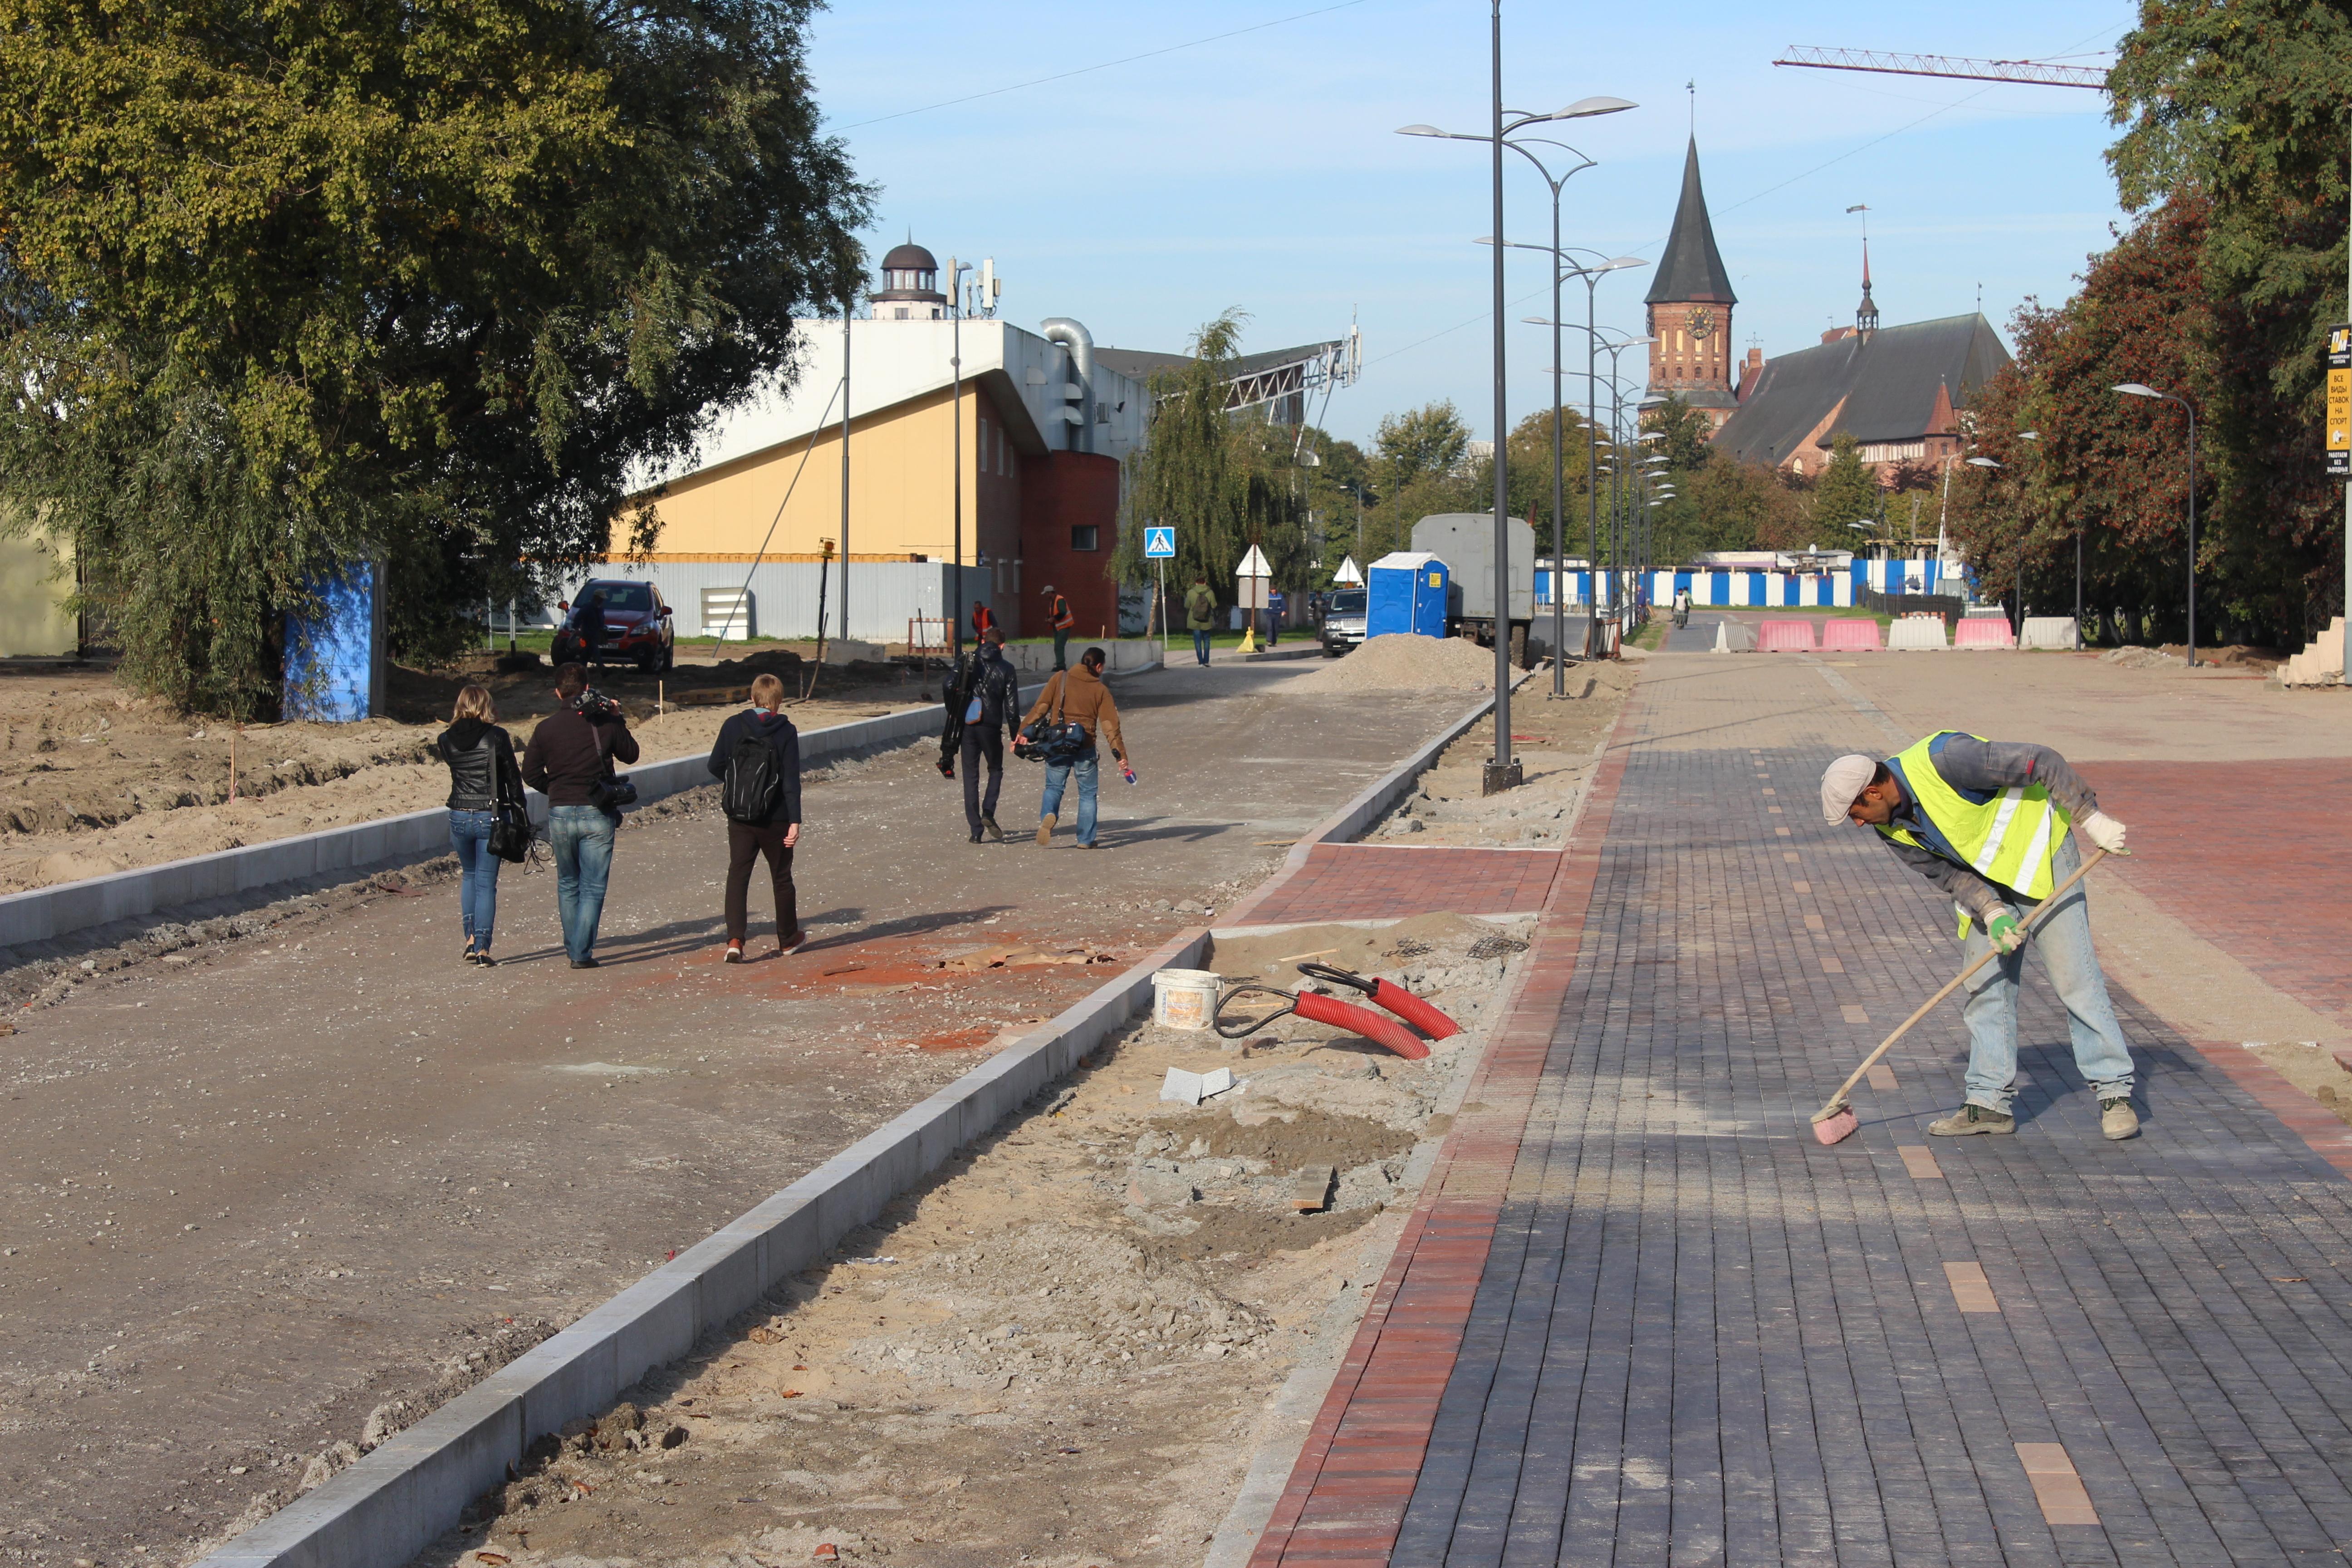 Нареконструкции дороги Солнечного проспекта пробуют победить отставание отграфика